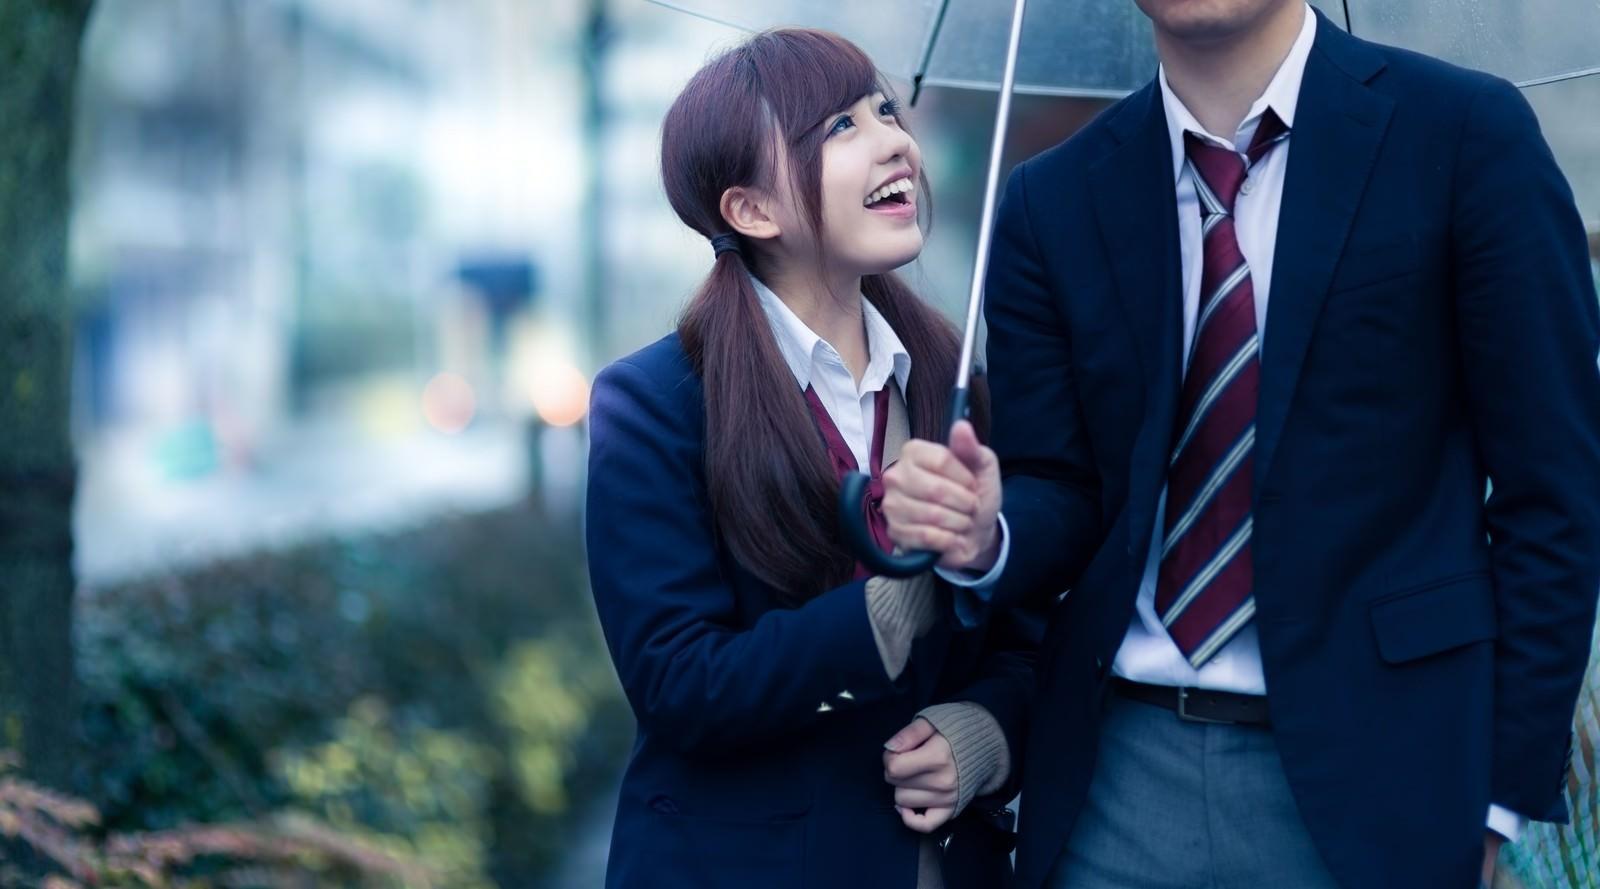 「「傘忘れちゃった!」彼氏に相合傘をおねだりする彼女」の写真[モデル:河村友歌]